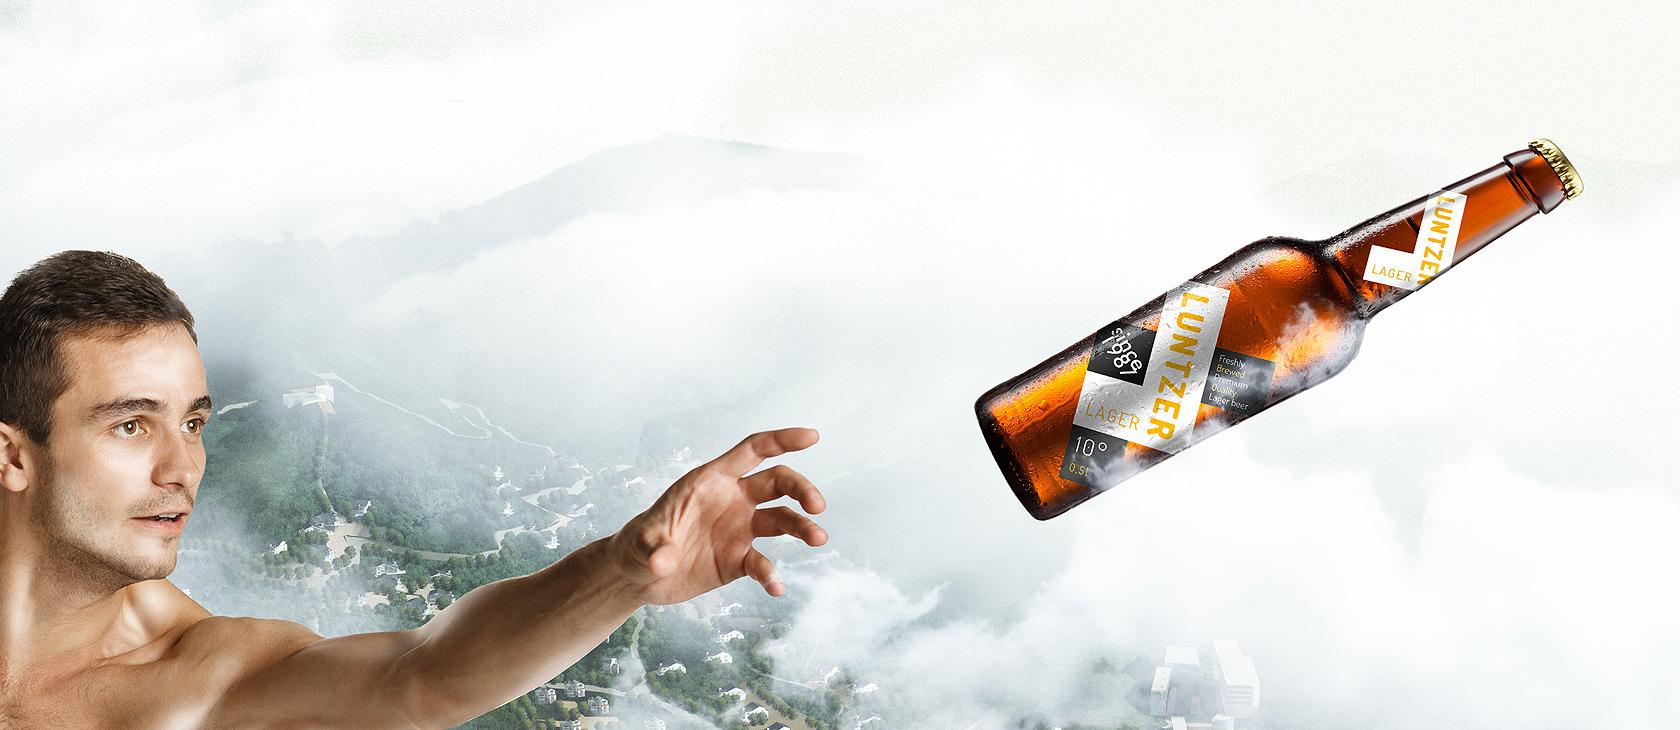 Luntzer Moderný Obalový Dizajn a Reklama Pre Pivo